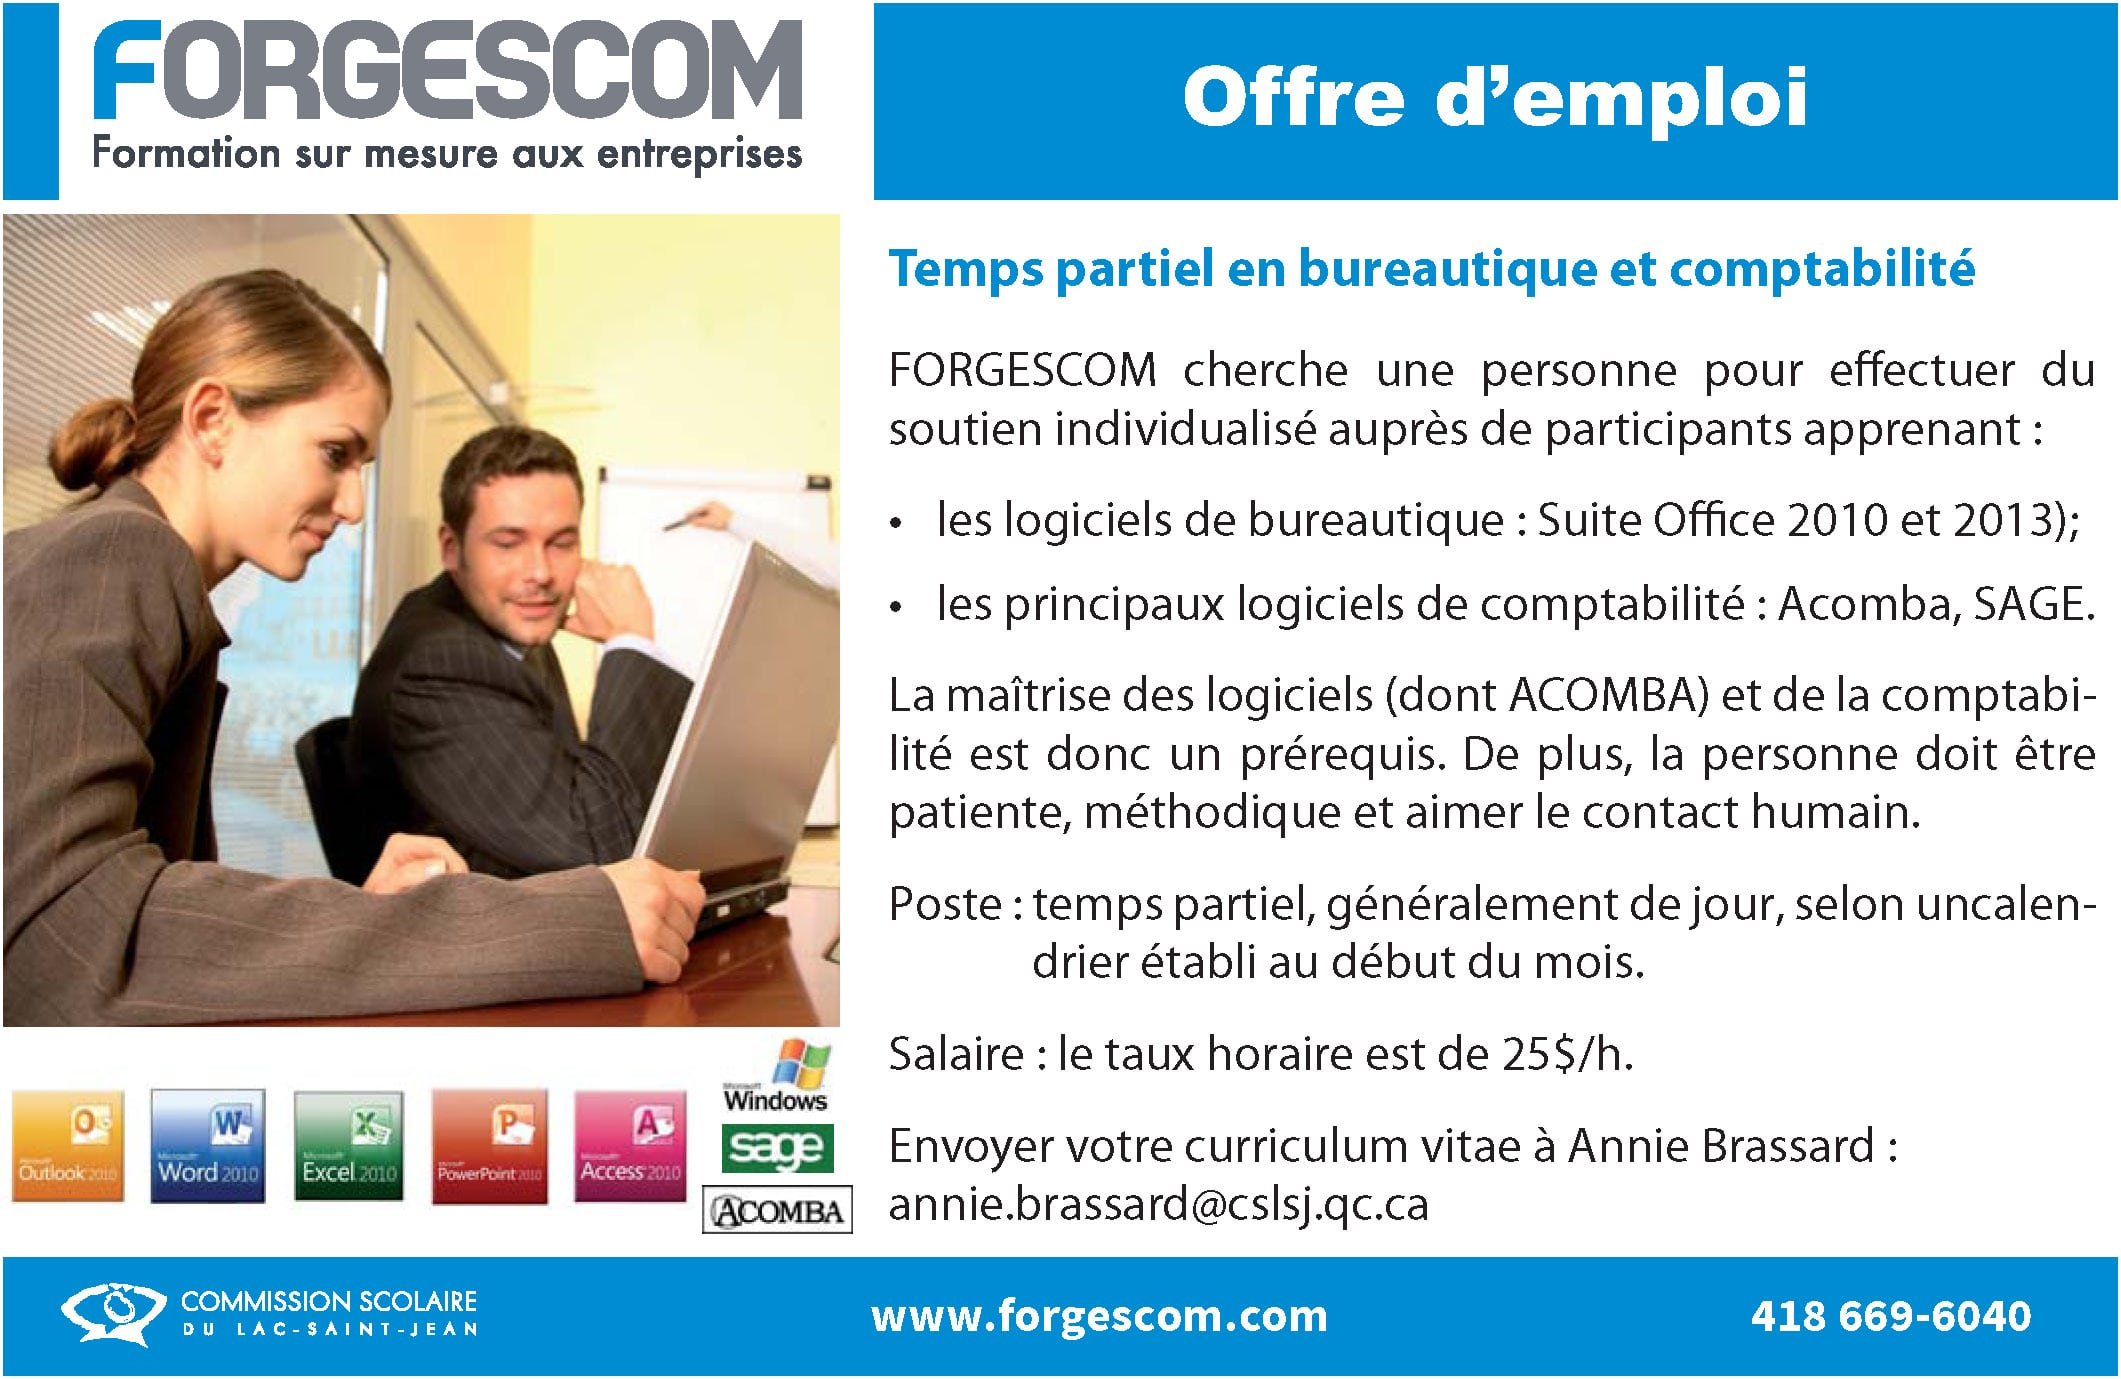 forgescomoffre d 39 emploi temps partiel en bureautique et comptabilit forgescom. Black Bedroom Furniture Sets. Home Design Ideas